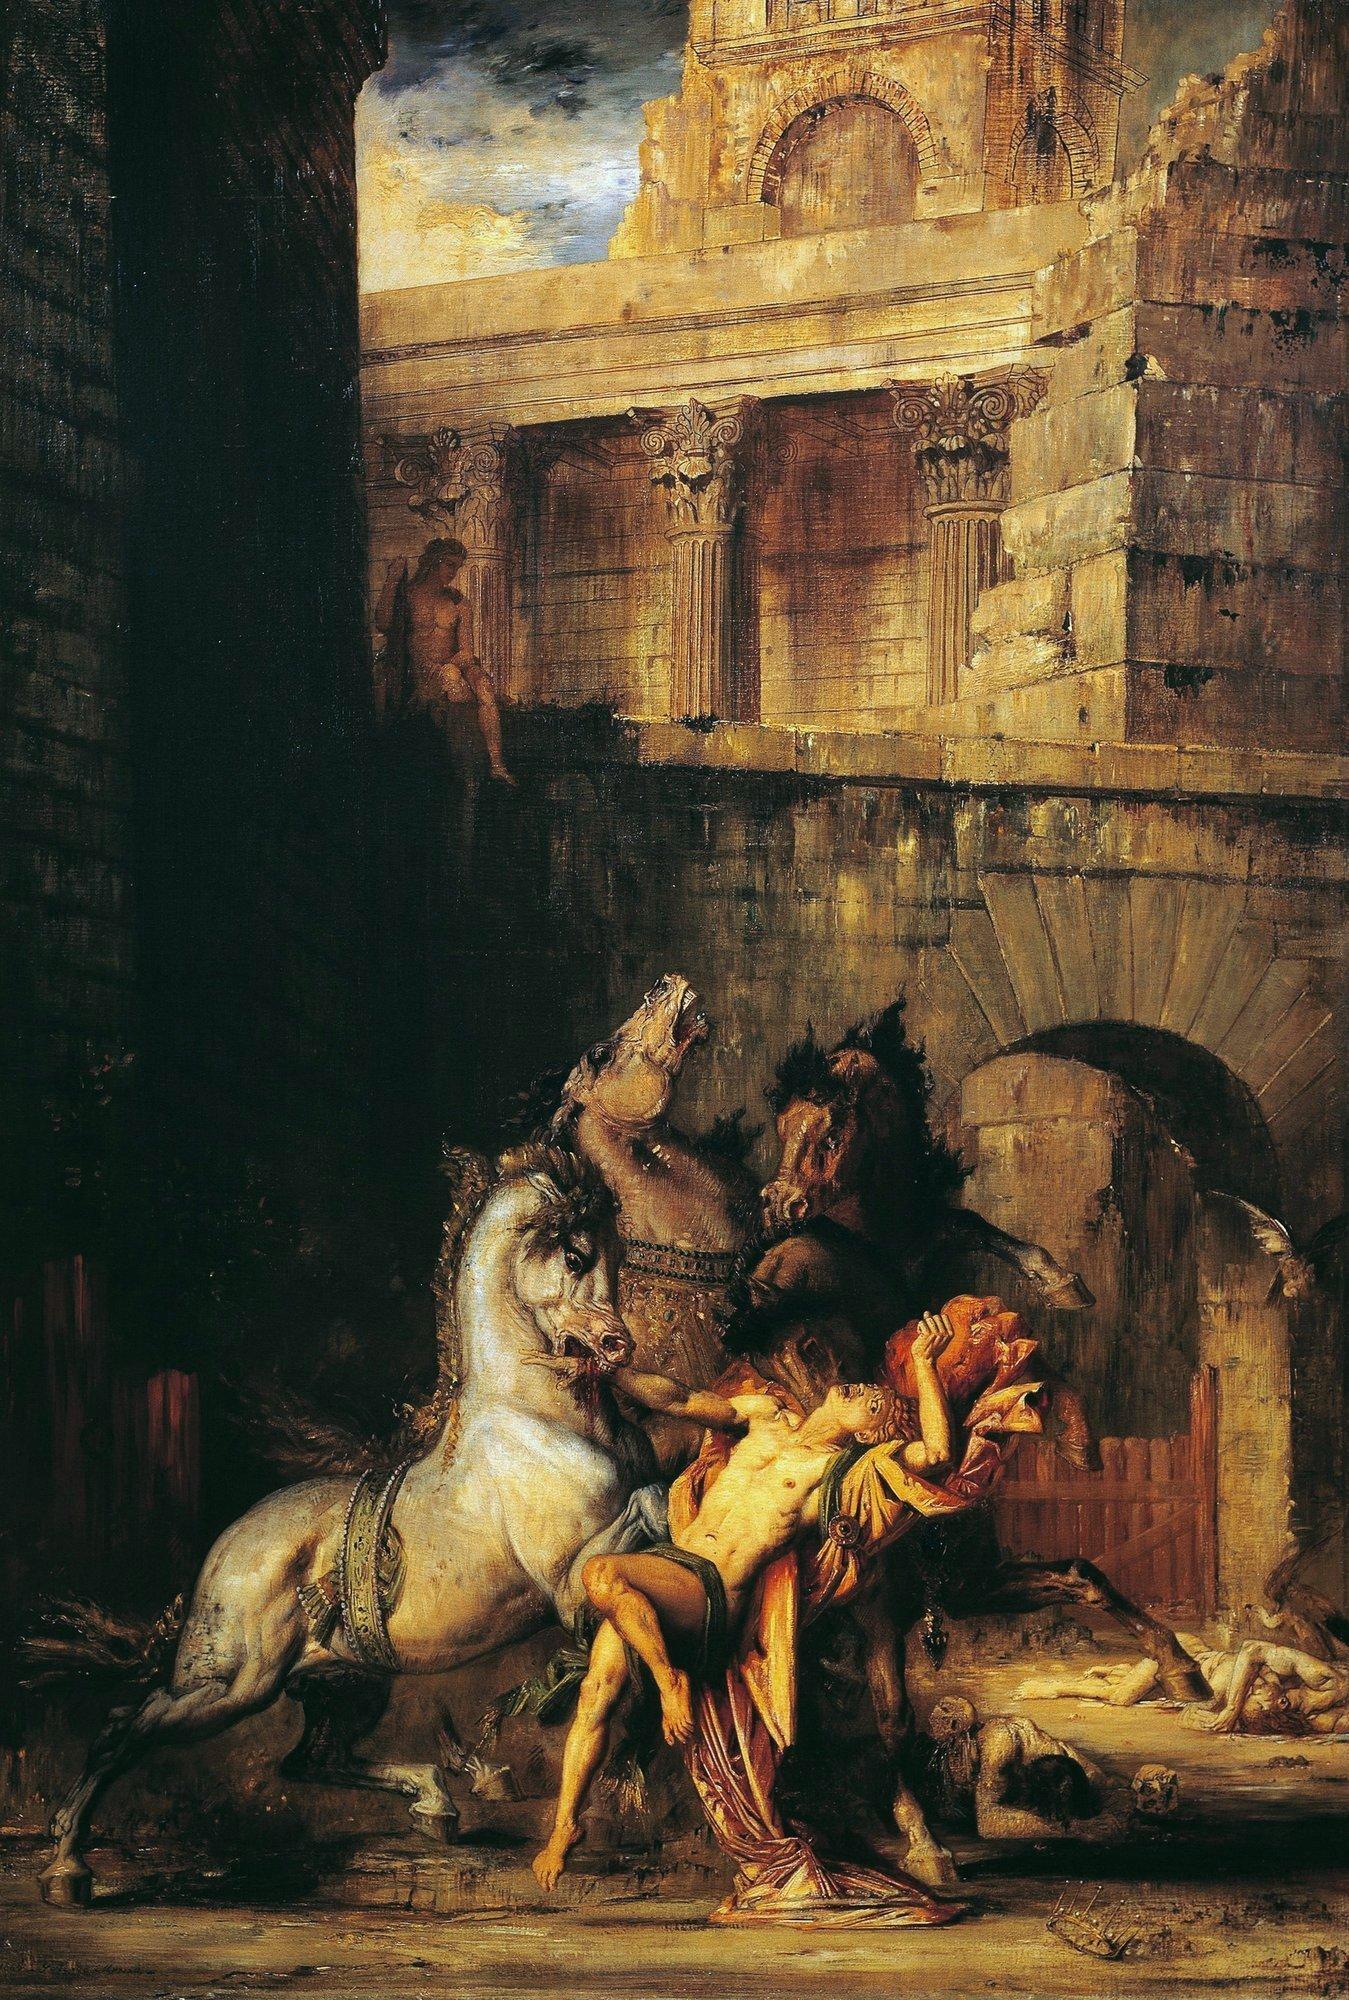 1865_Диомед, пожираемый лошадьми (140 х 95.5 см) (Руан, Музей изобраз. искусств)